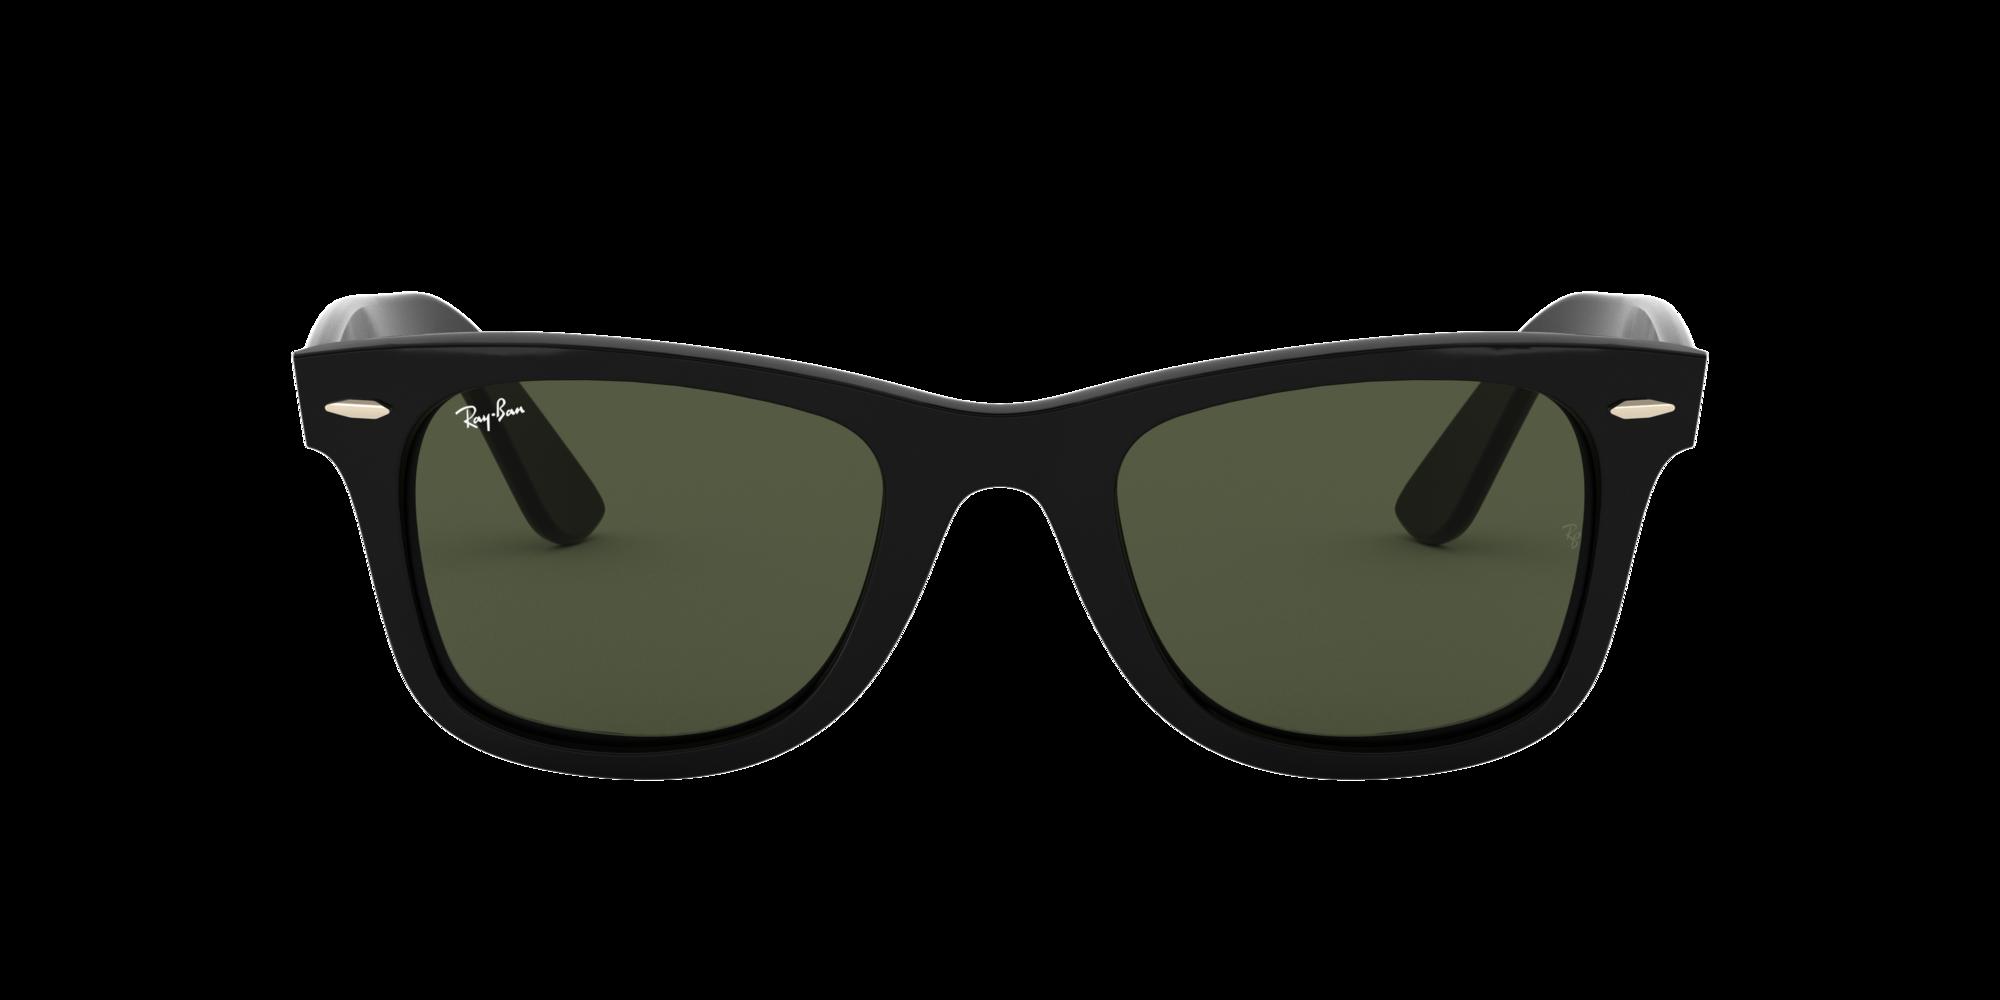 Image for RB4340 50 WAYFARER from LensCrafters | Glasses, Prescription Glasses Online, Eyewear